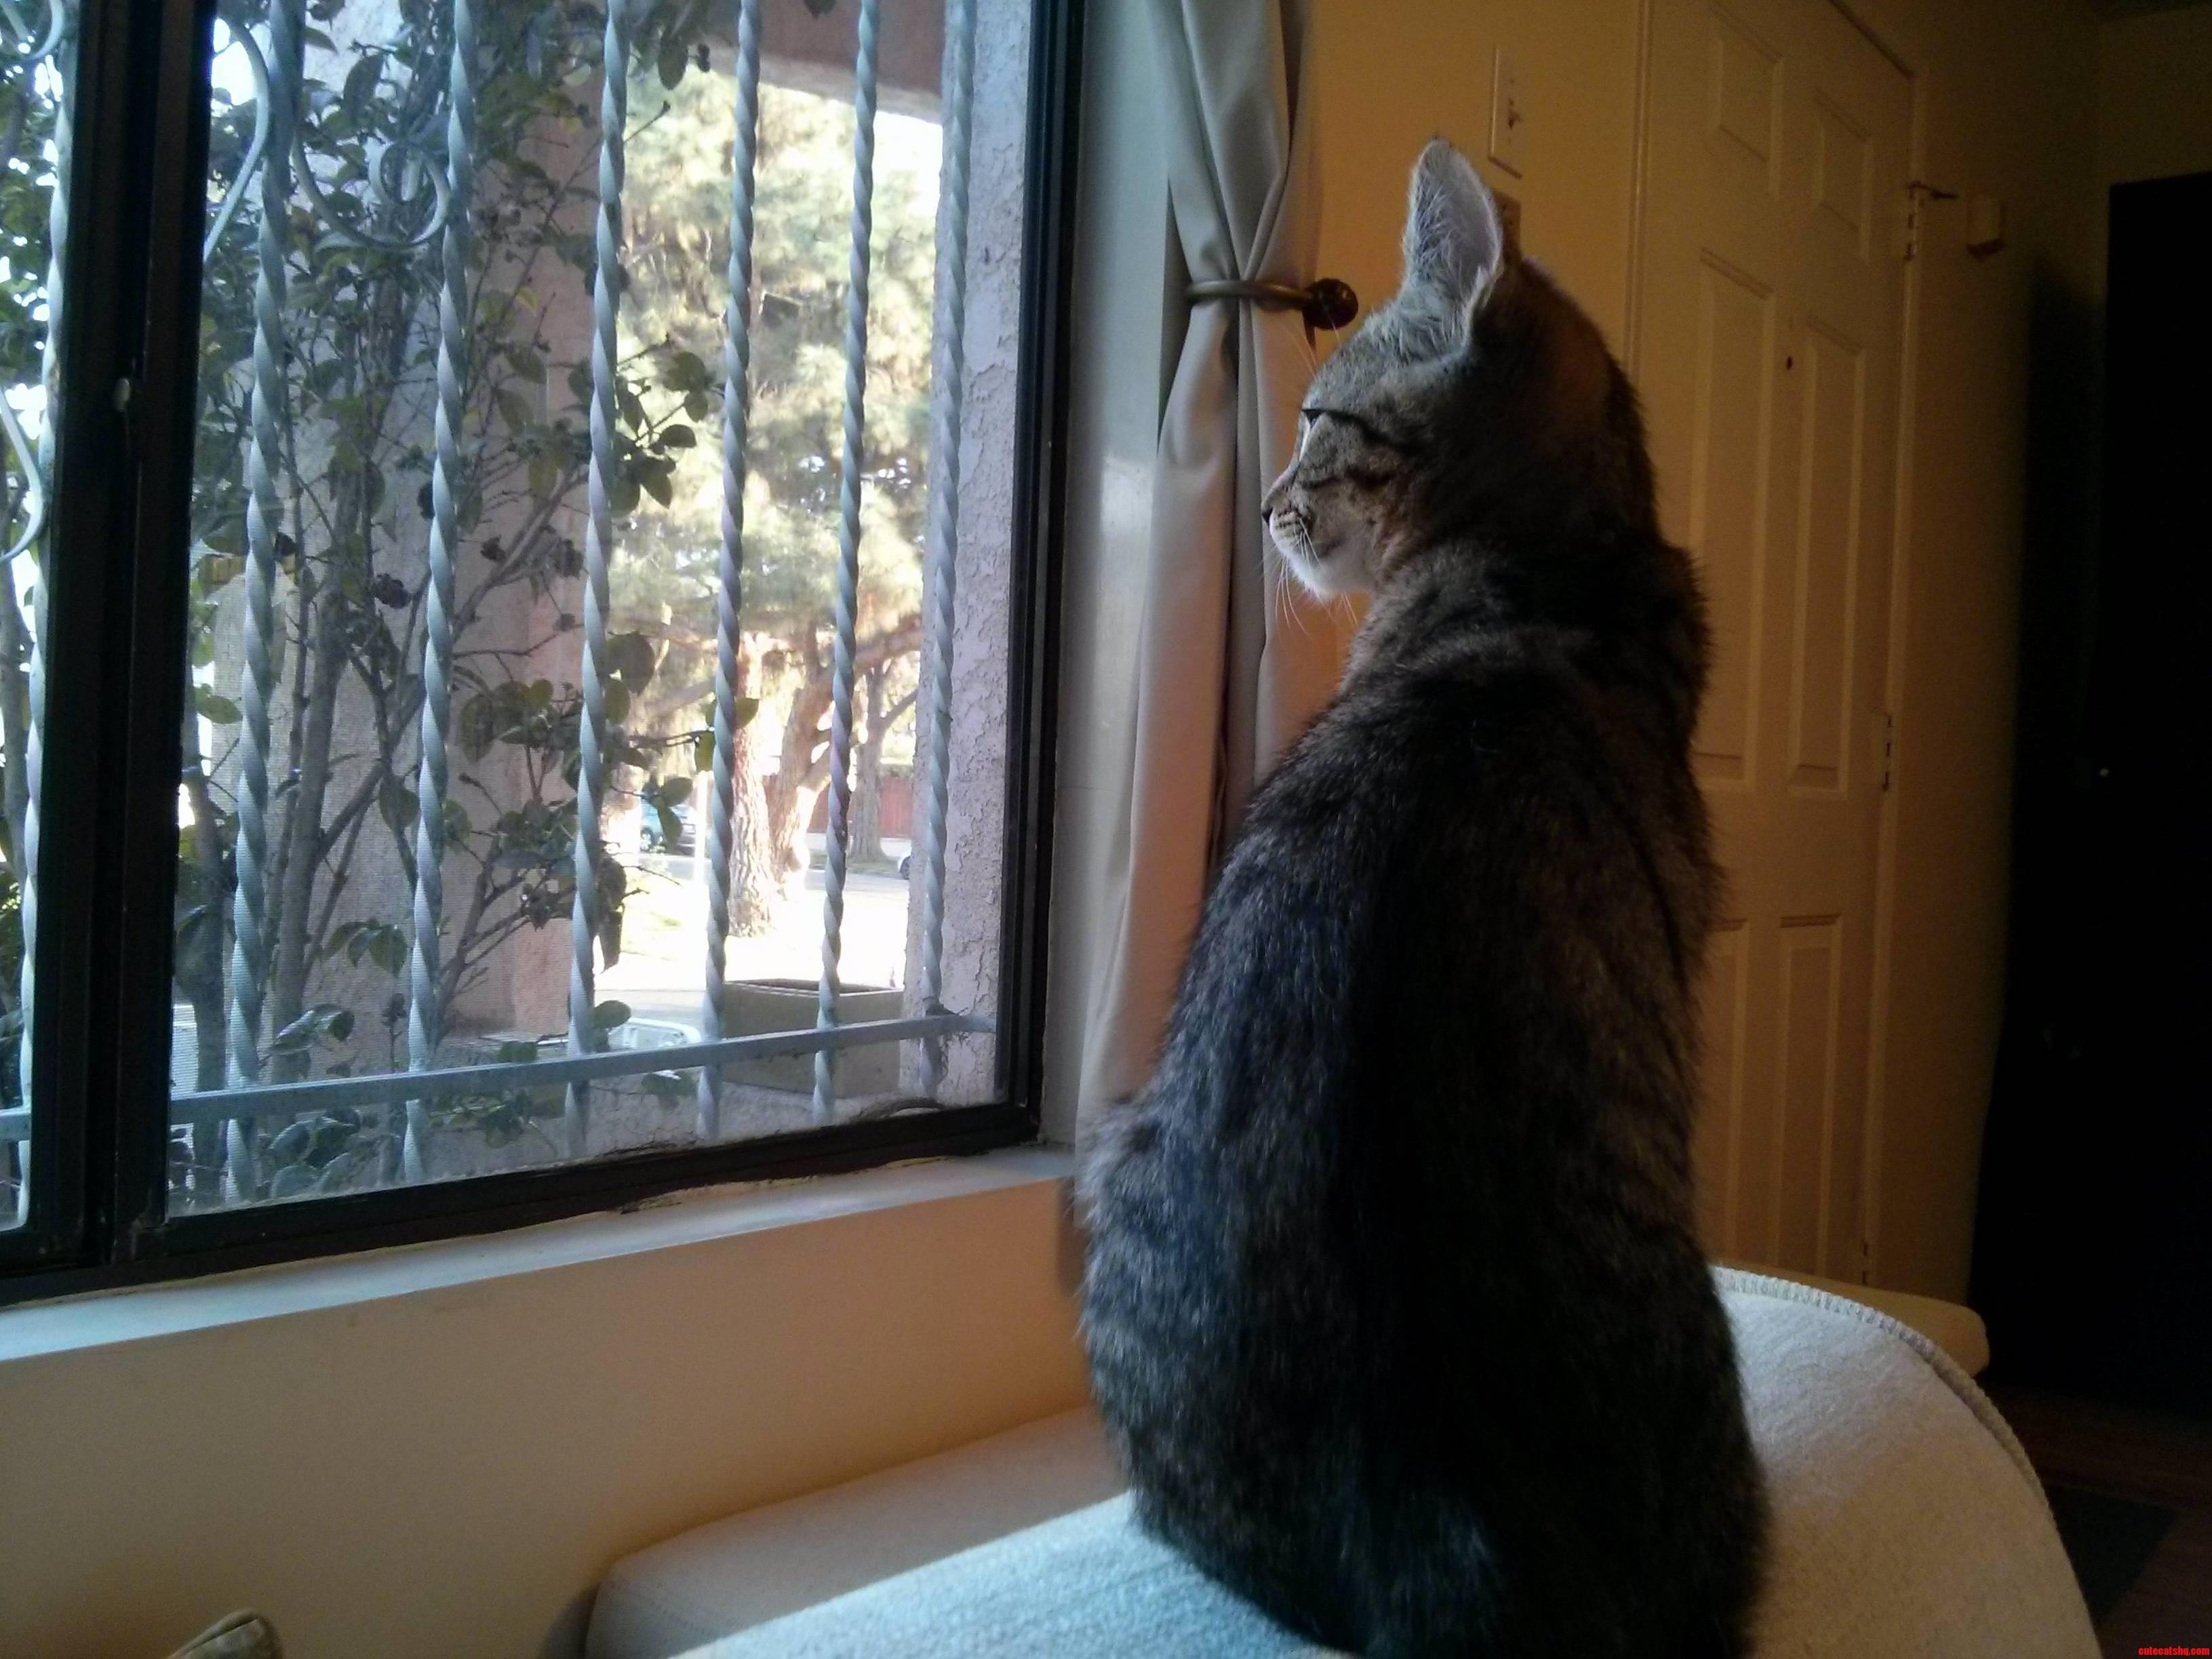 He Loves The Window